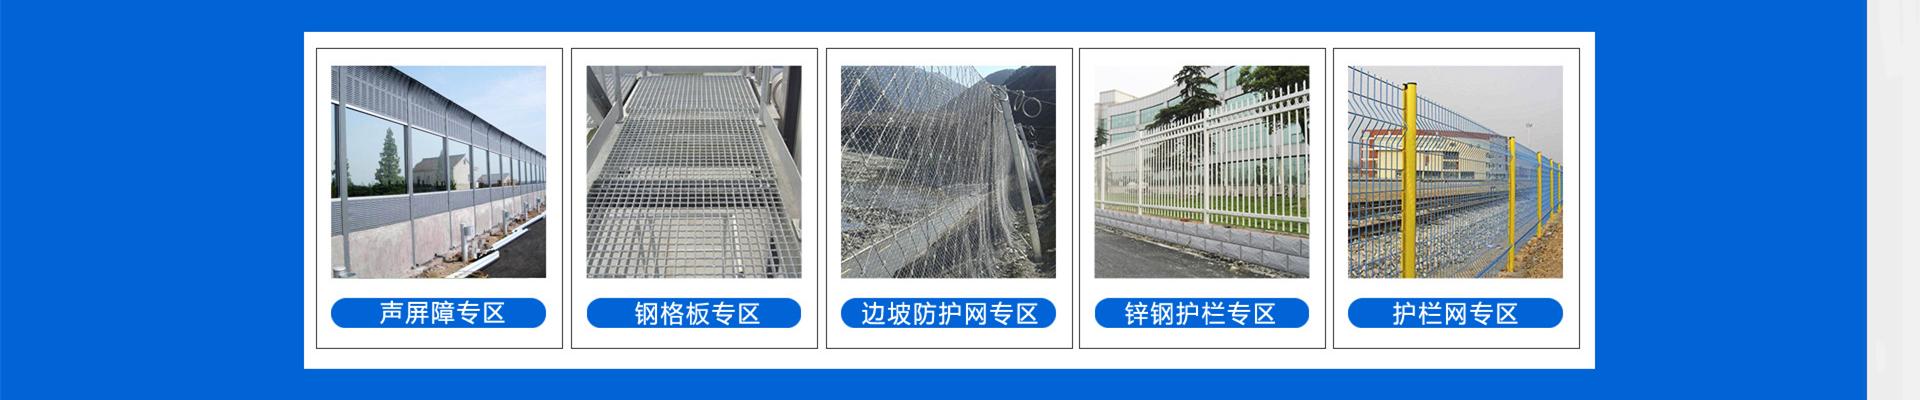 成都卓通金属丝网制造有限公司